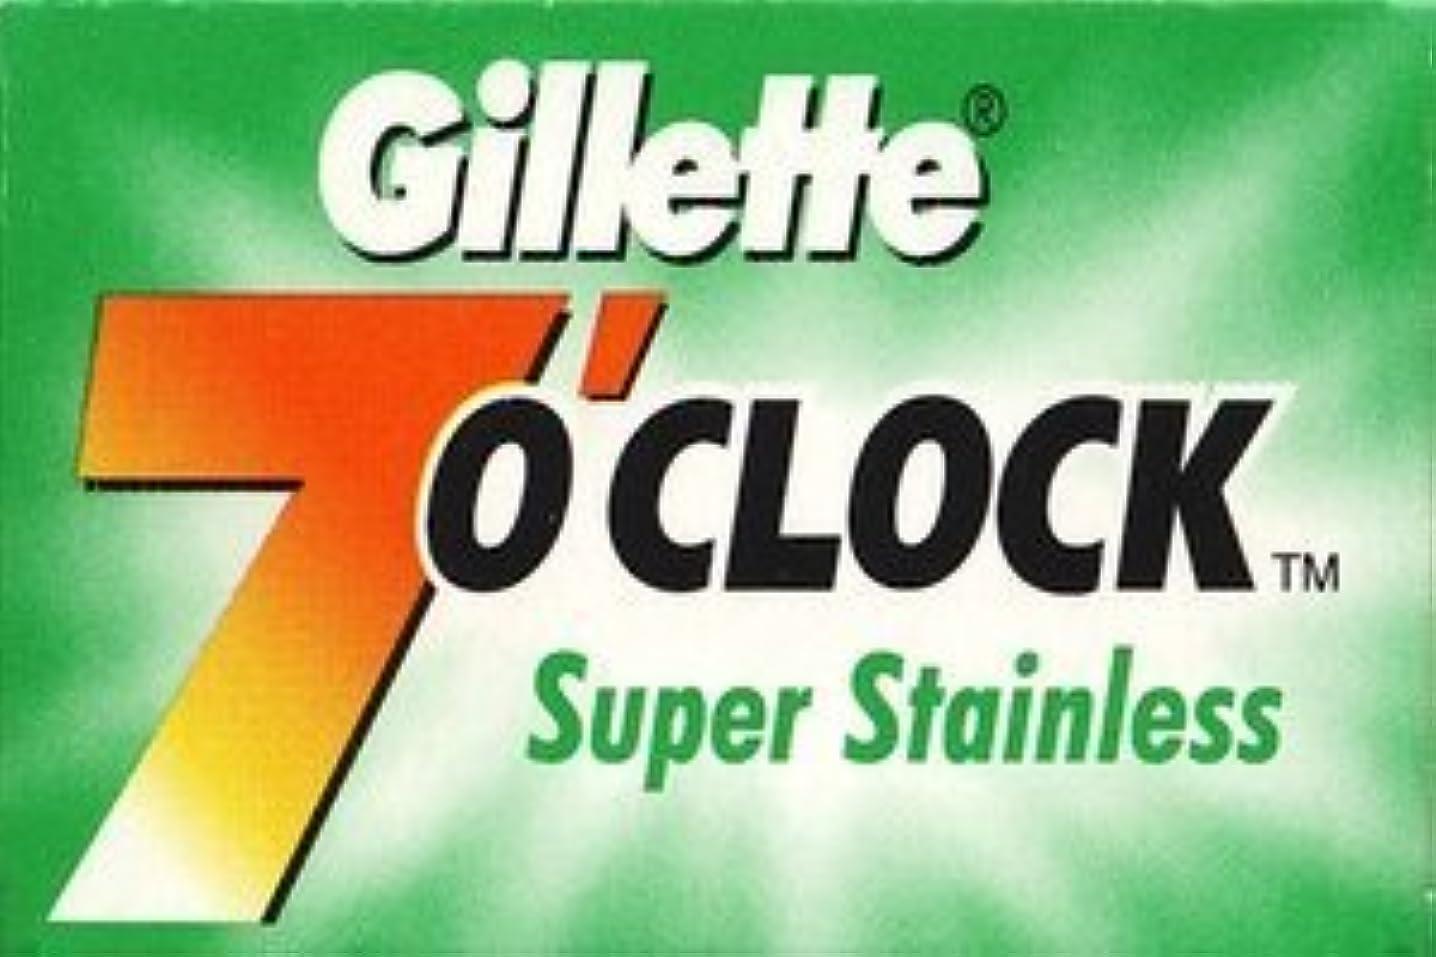 圧縮する木曜日感性Gillette 7 0'Clock Super Stainless 両刃替刃 5枚入り(5枚入り1 個セット)【並行輸入品】